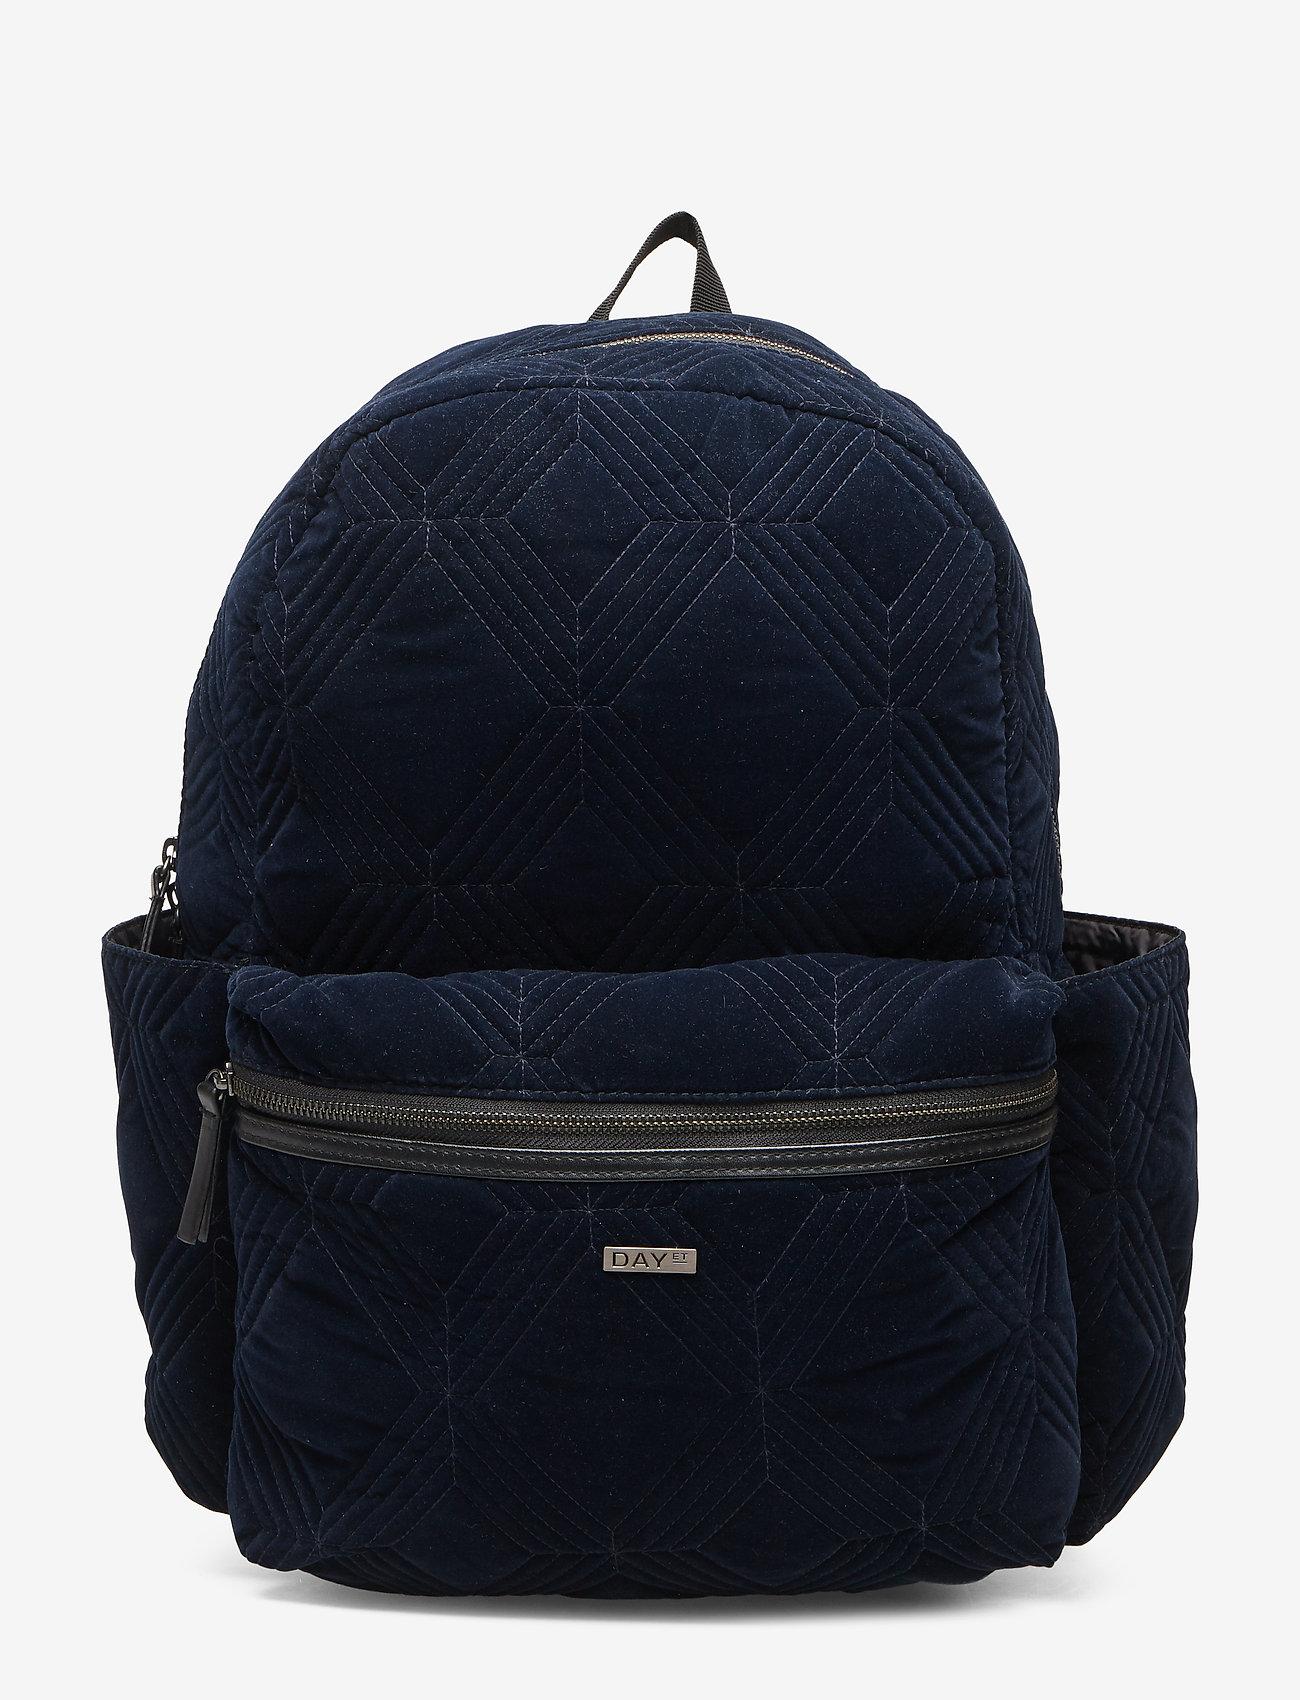 DAY et - Day GW Q Velvet BP B - backpacks - night sky